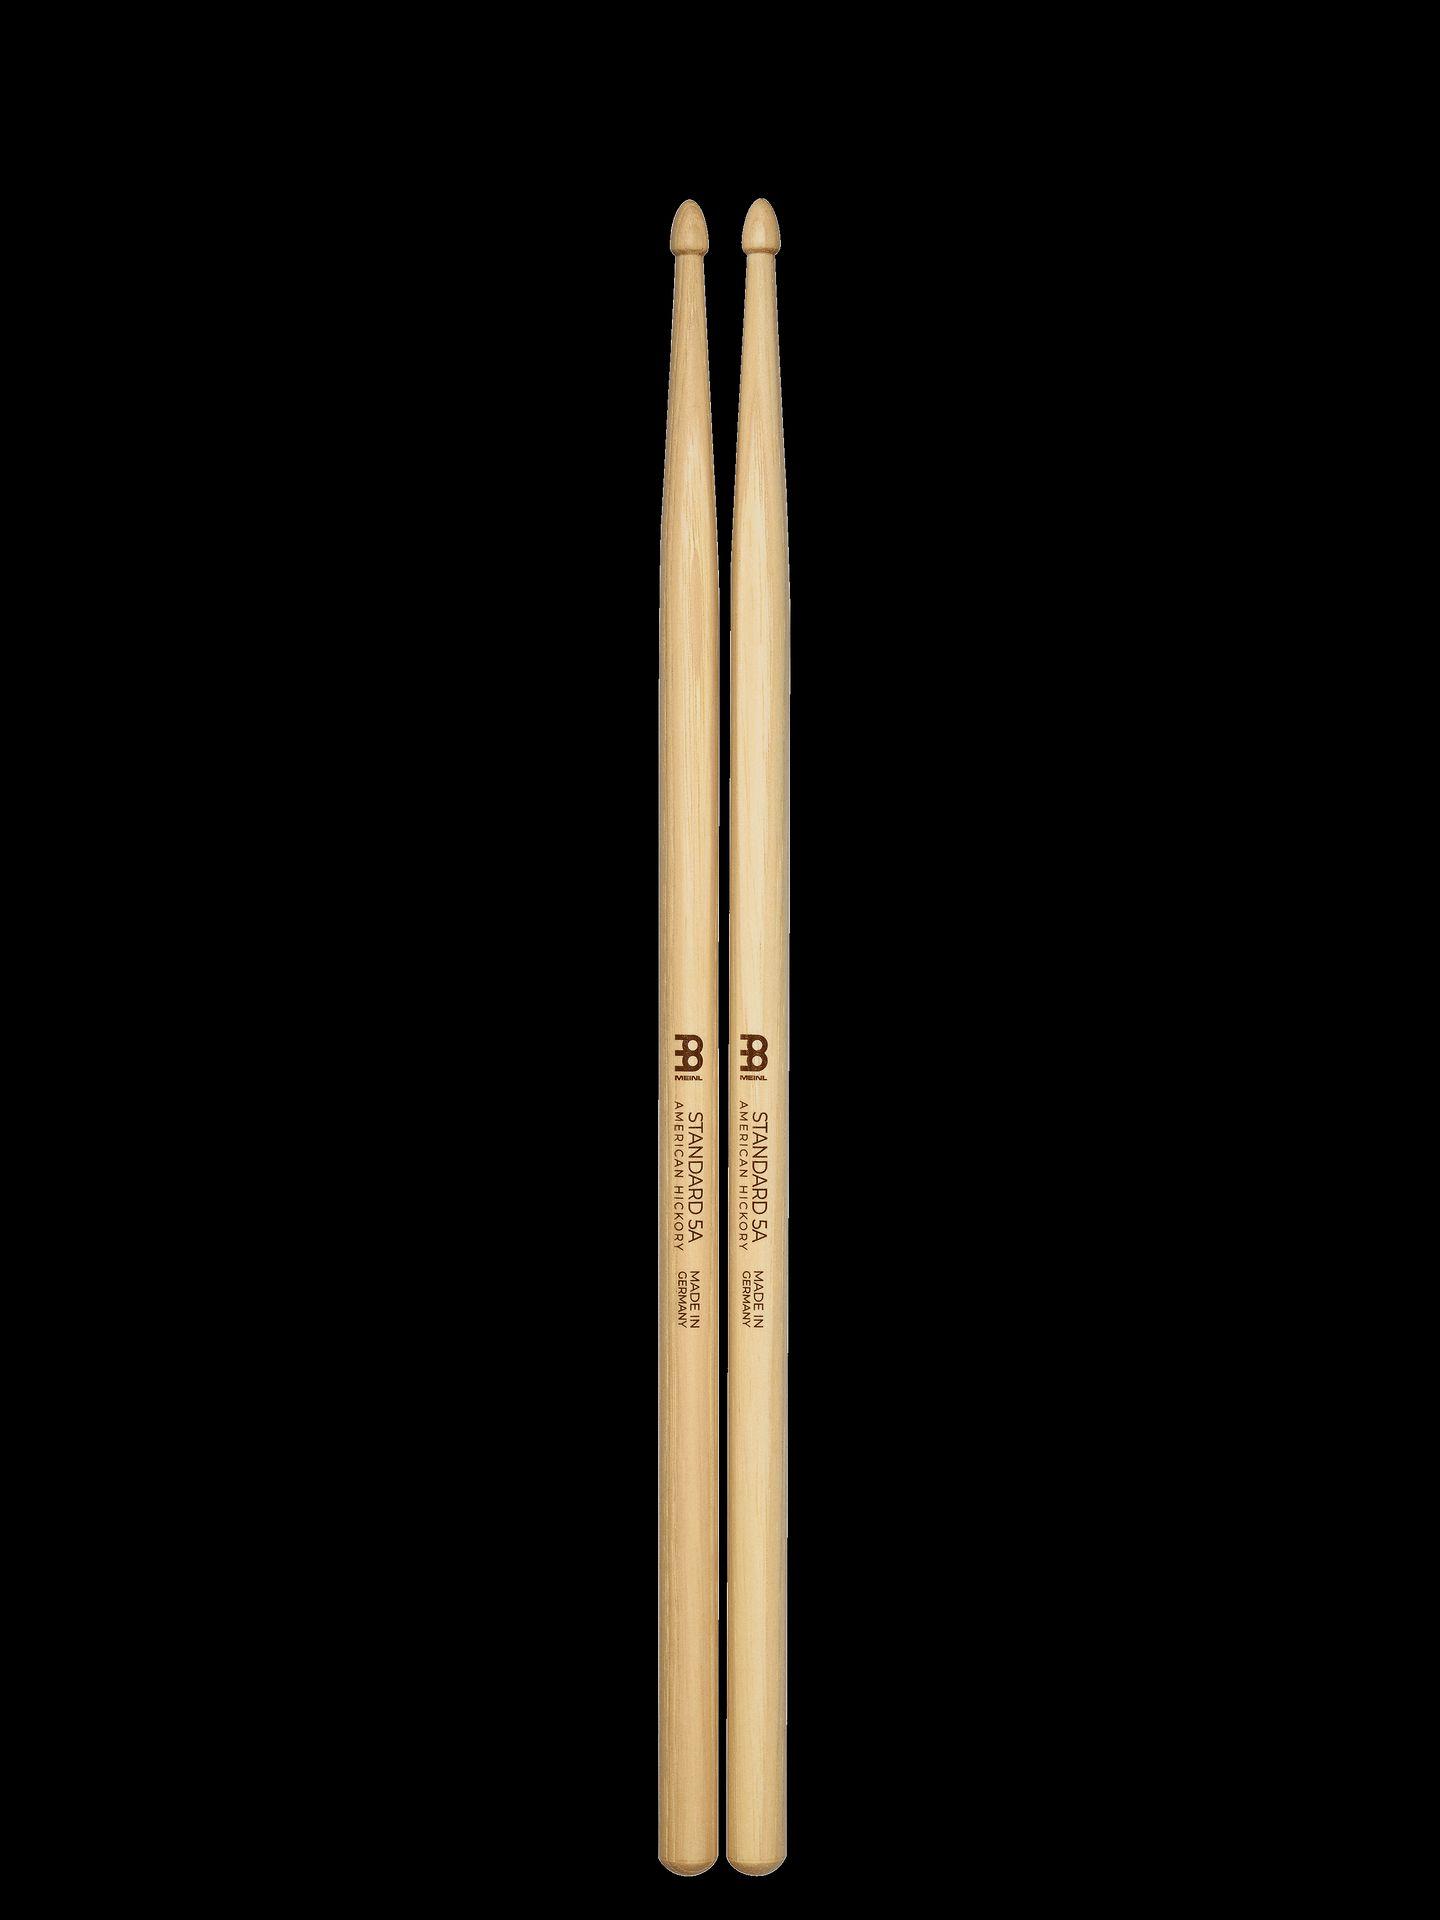 Meinl 5A Standard Drumsticks Hickory